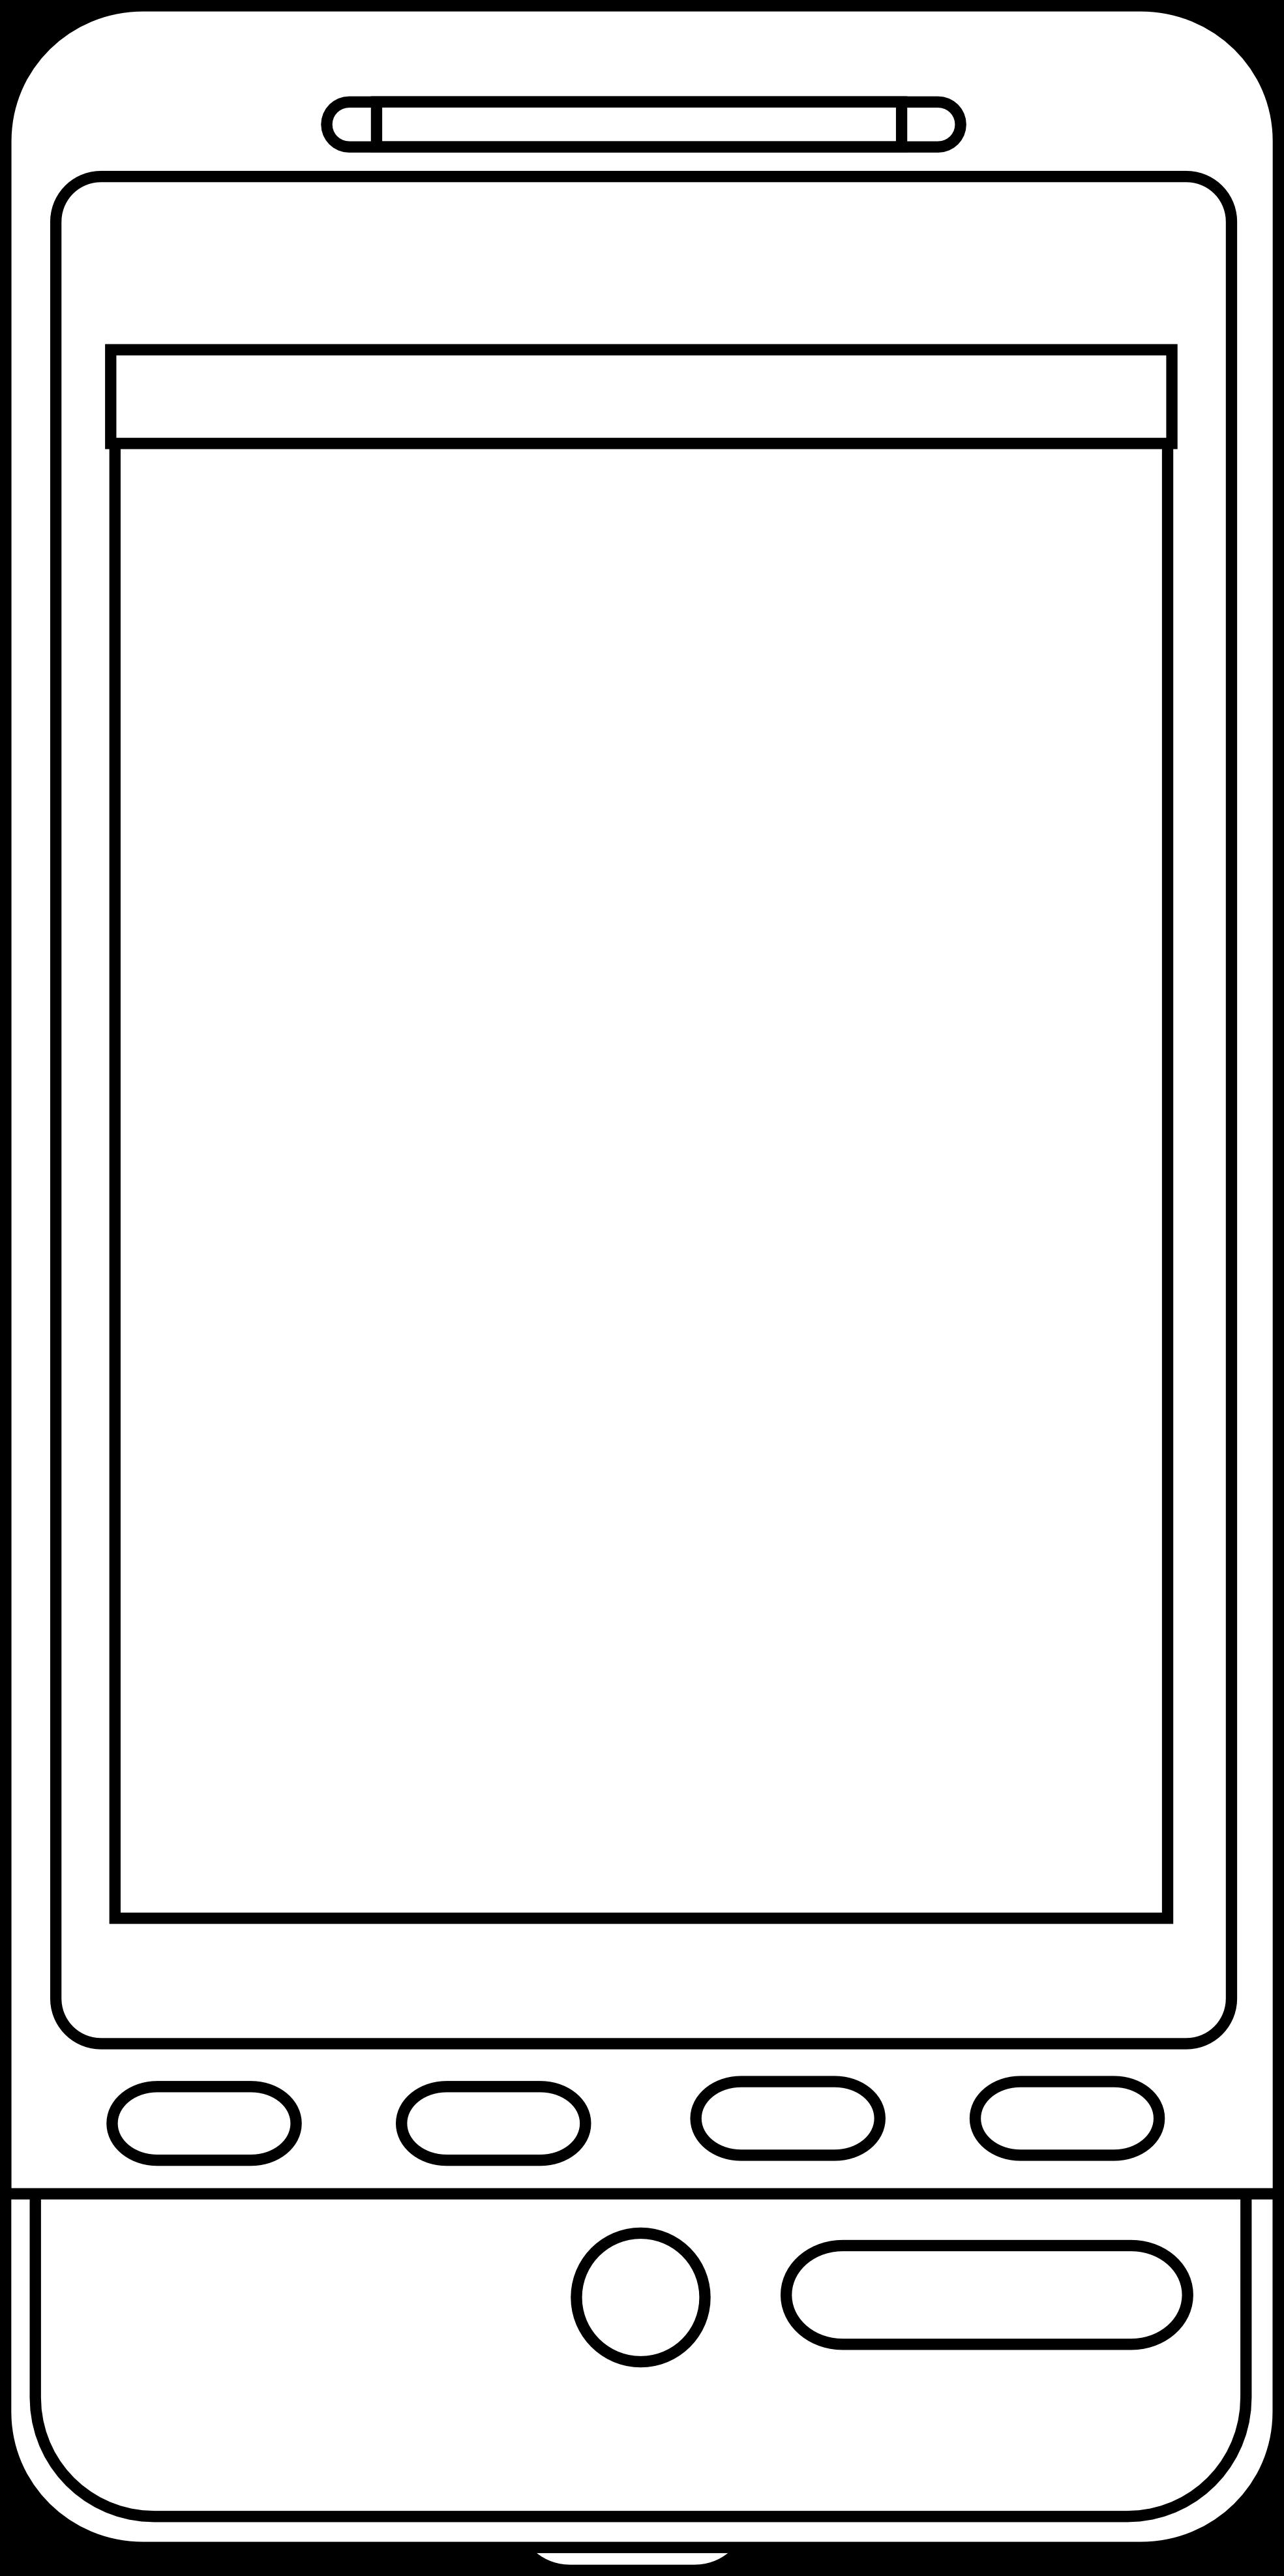 Imagens de telem veis para imprimir